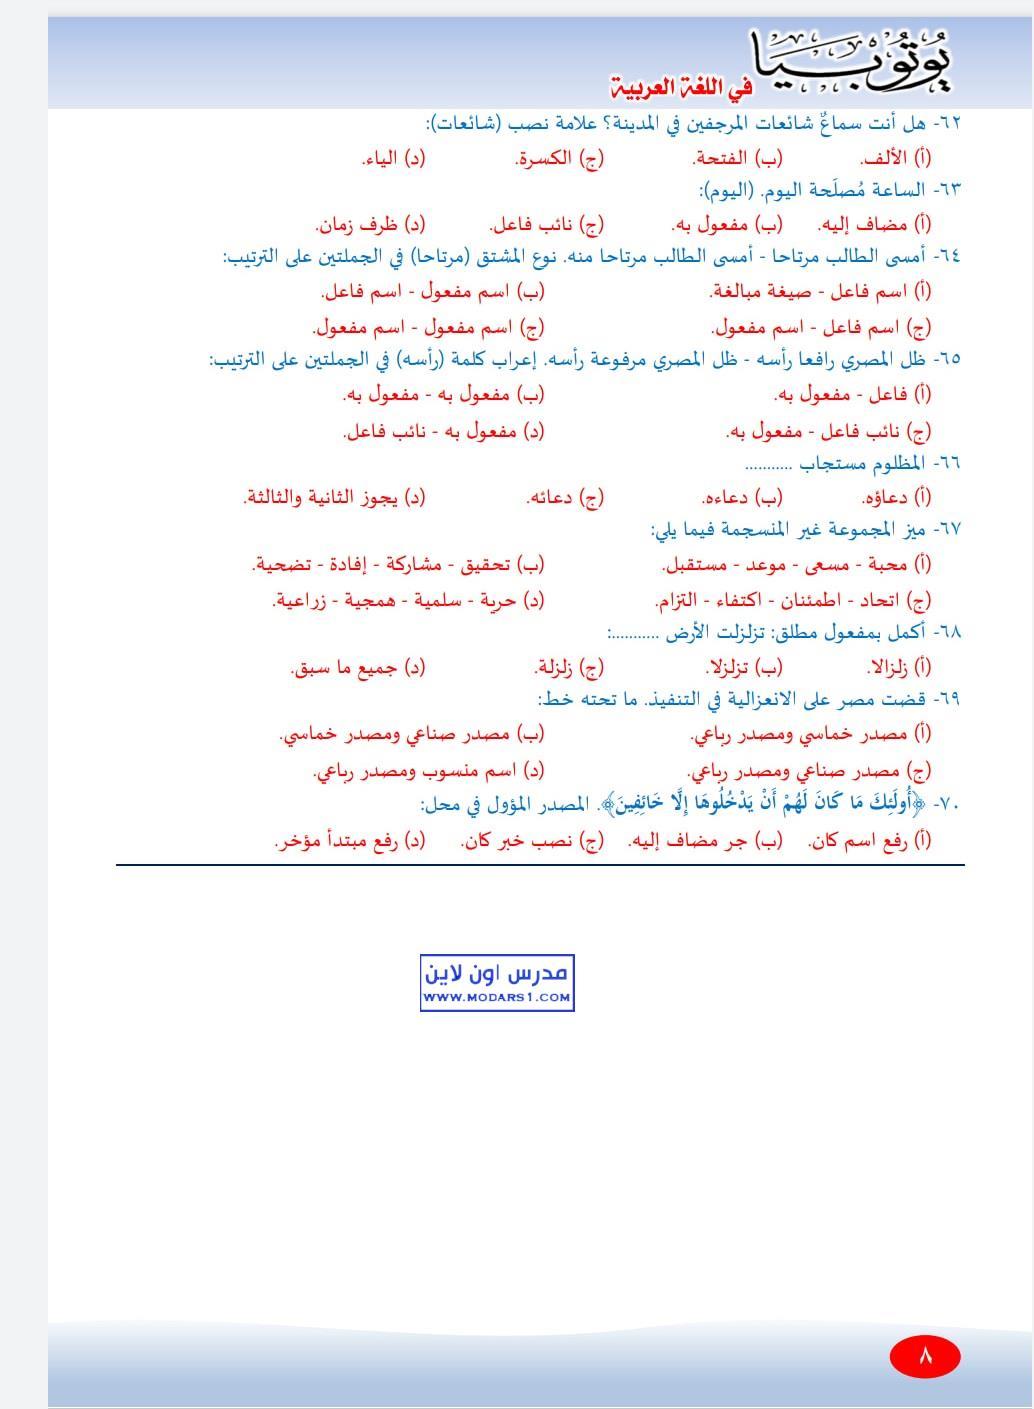 امتحان لغة عربية 3 ثانوي 2021 نظام جديد 8